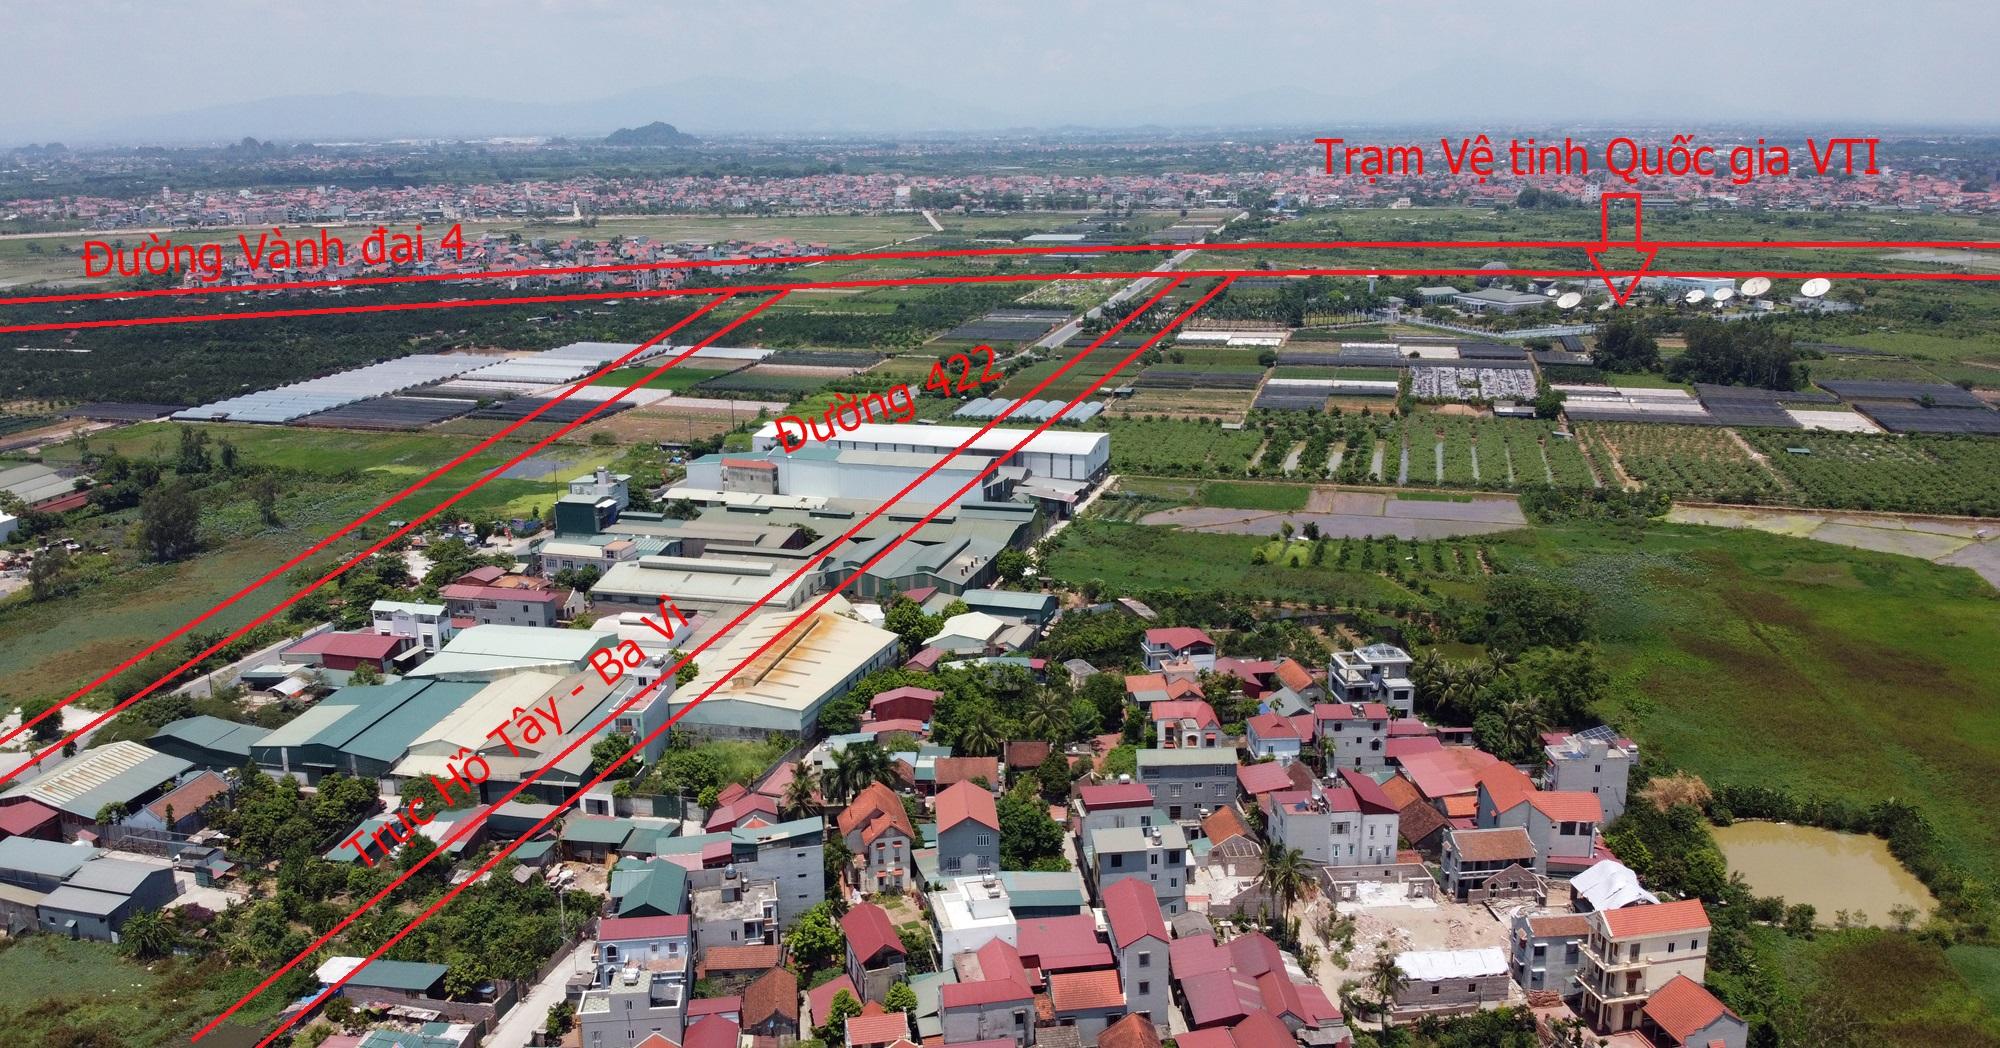 Đường sẽ mở theo qui hoạch ở Hà Nội: Toàn cảnh trục Hồ Tây - Ba Vì đến Vành đai 4 - Ảnh 24.